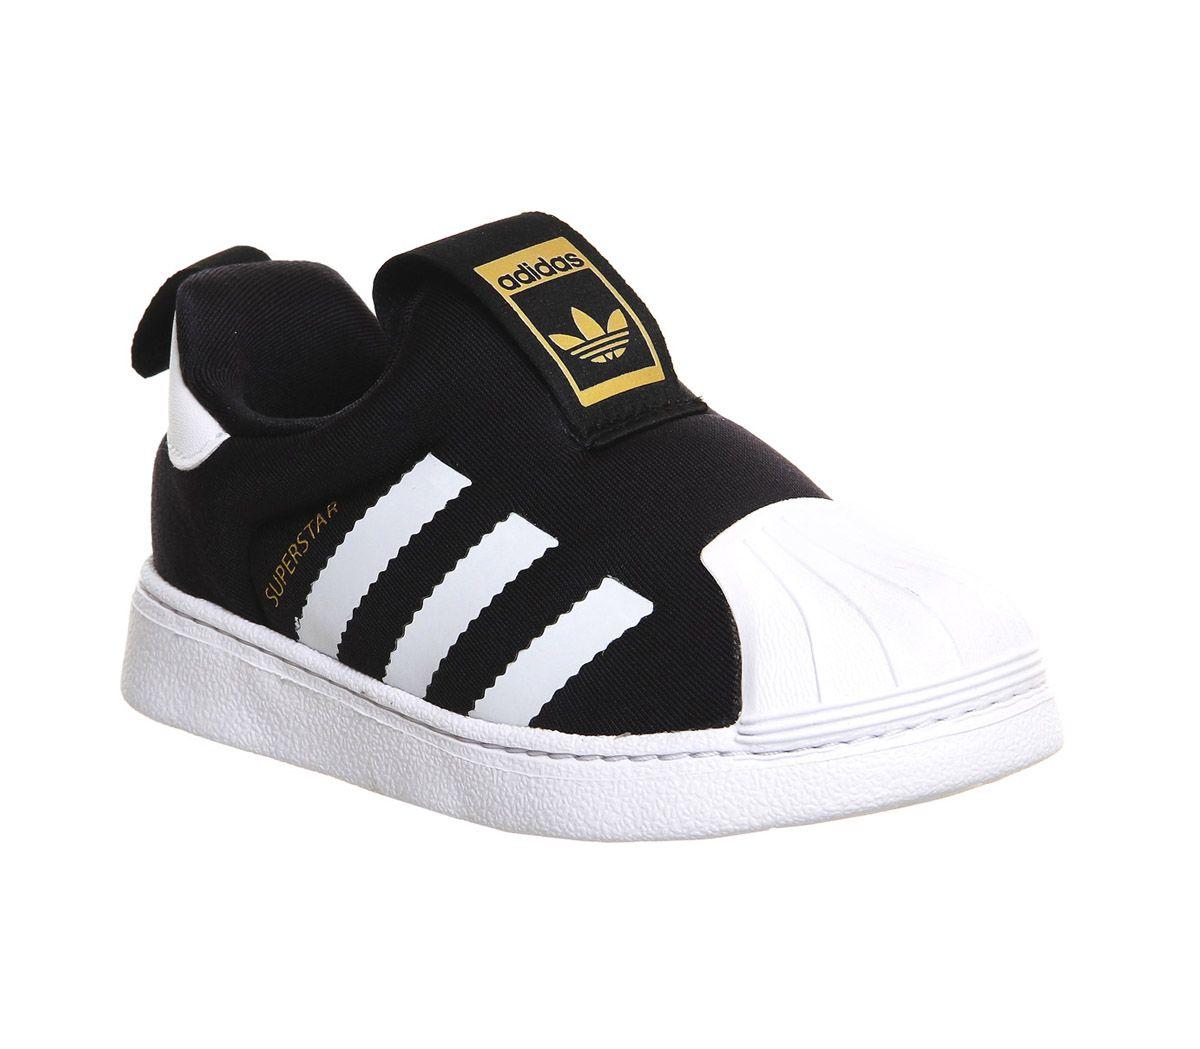 Details zu Kids Adidas Superstar 360 Inf 3 9 Core Black Kids